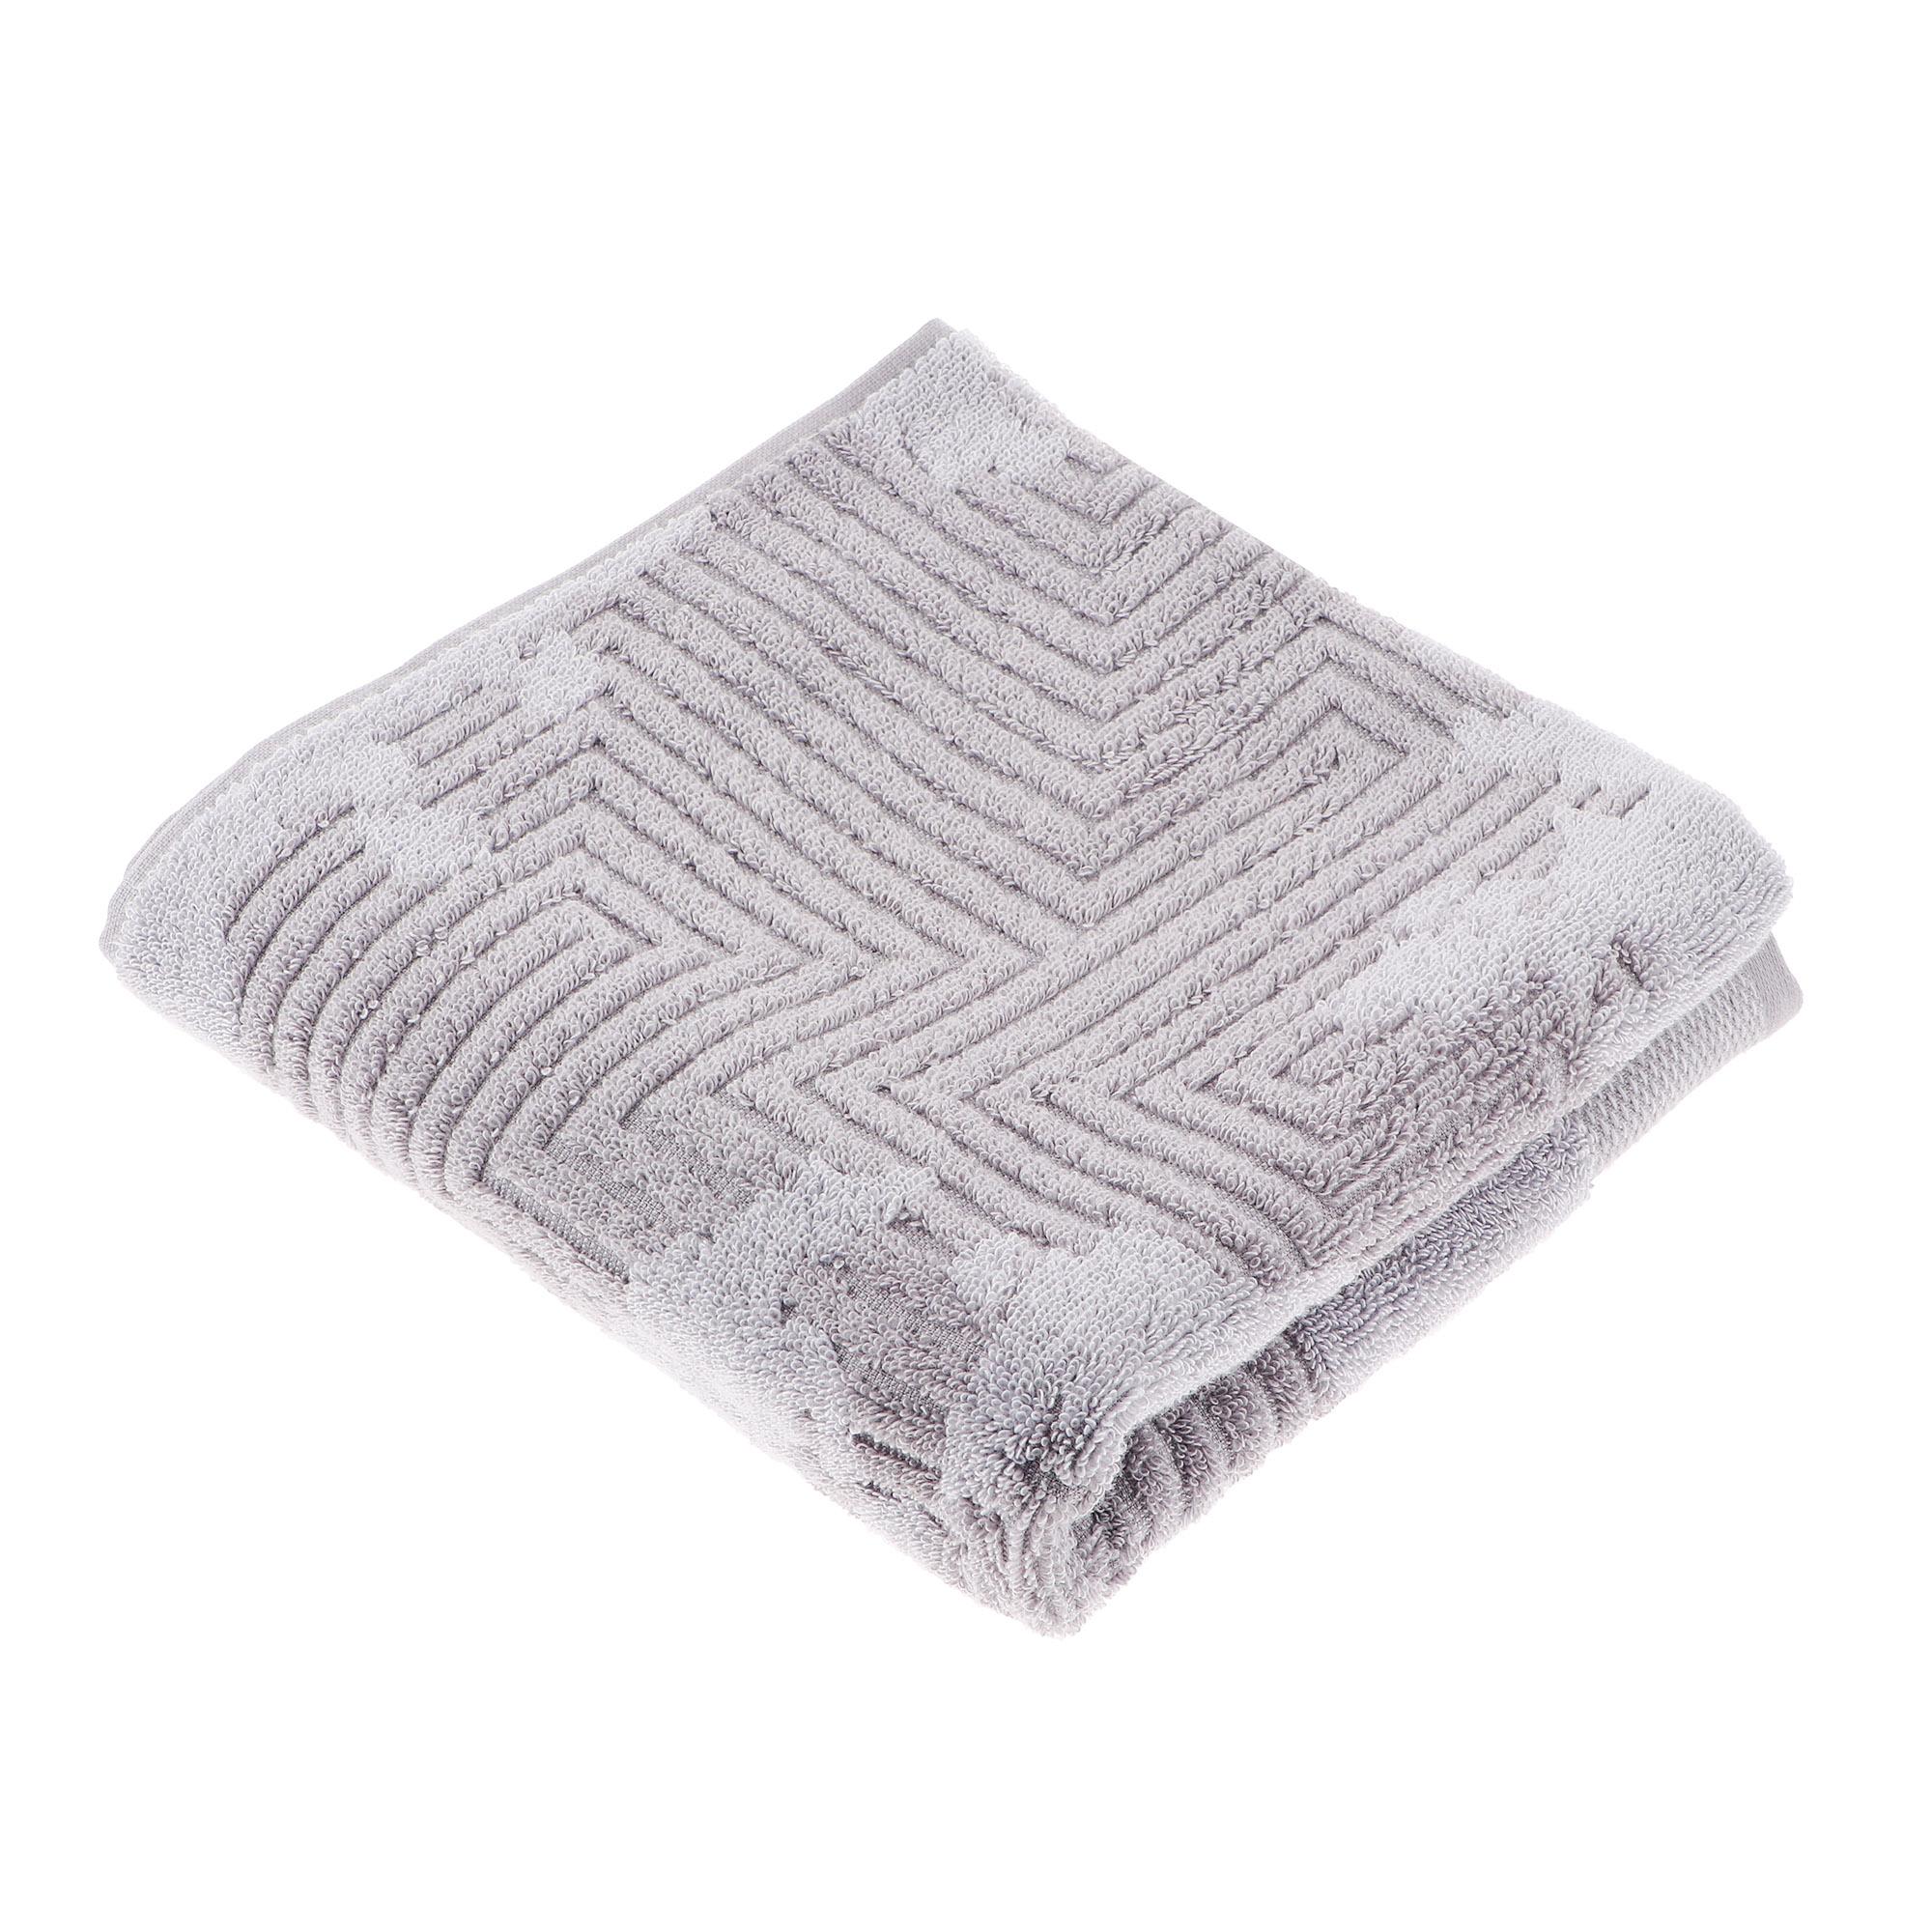 Полотенце махровое Cleanelly нуовэ террэ 70х140 пестротканное бело-серое фото